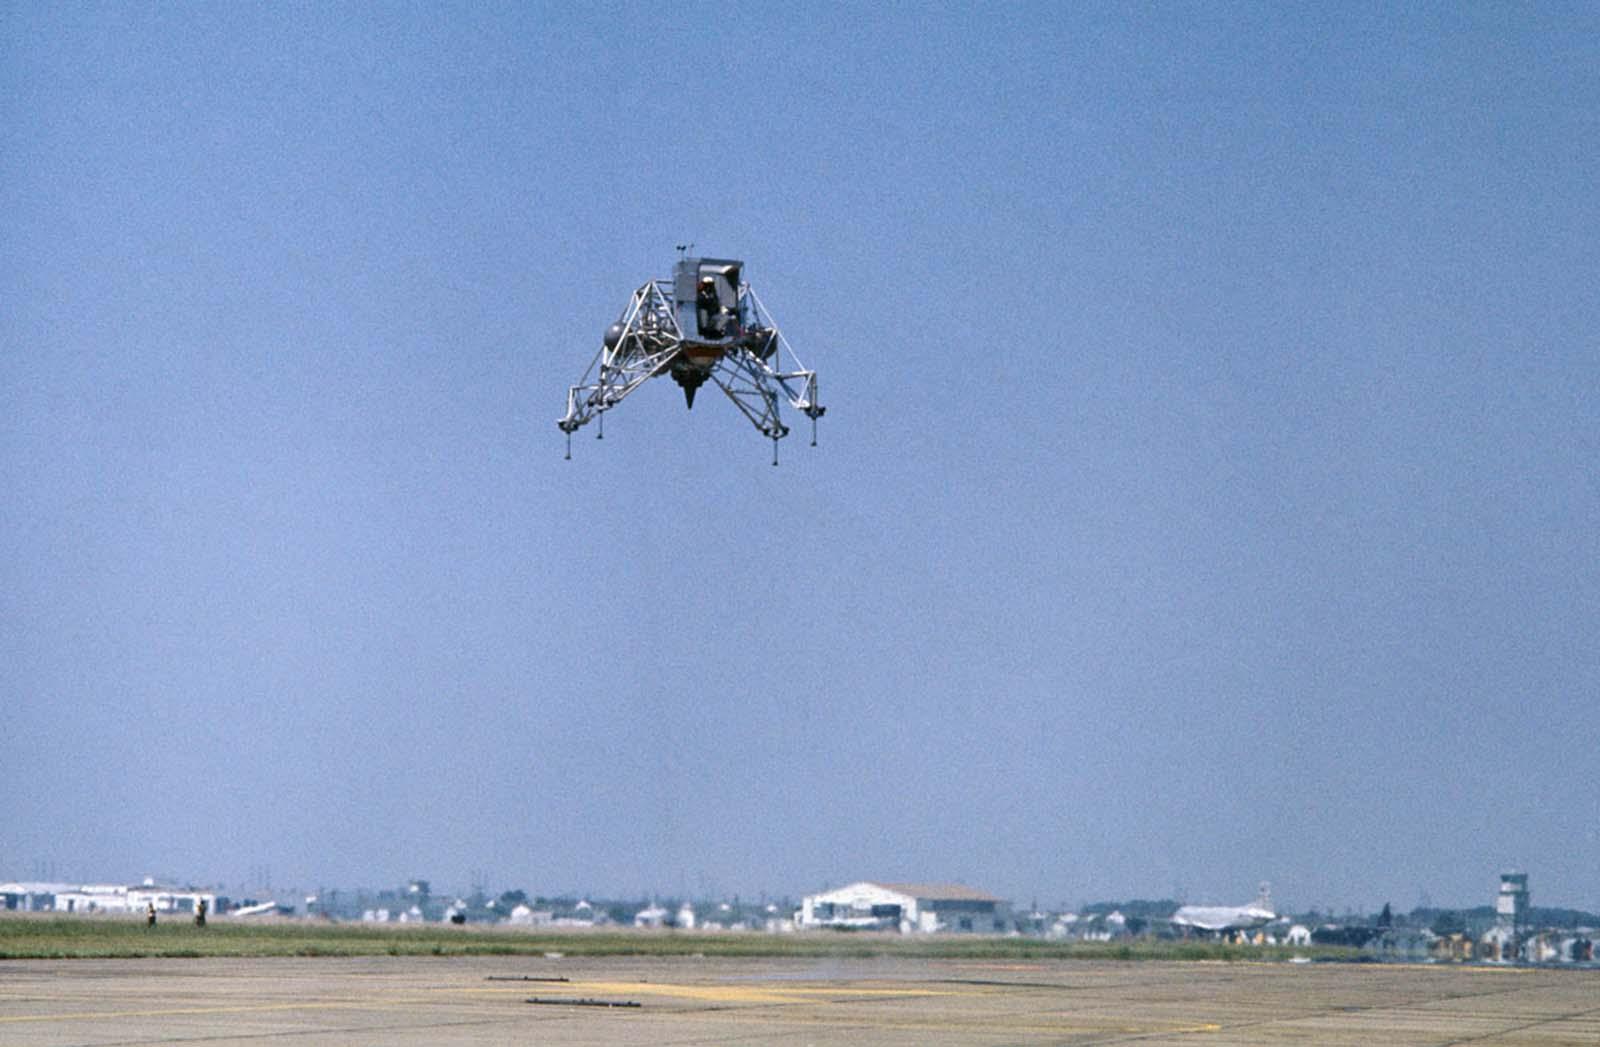 Legenda original: Praticar para o Big One em Ellington AFB, Texas. O Comandante da Apollo 11, Neil Armstrong, voa no Veículo de Treinamento da Lunar Landing em preparação para a tentativa de pouso lunar em julho. O vôo durou cinco minutos, durante os quais Armstrong fez duas decolagens e aterrissagens. Ele voou a nave a uma altitude de cerca de 300 pés.